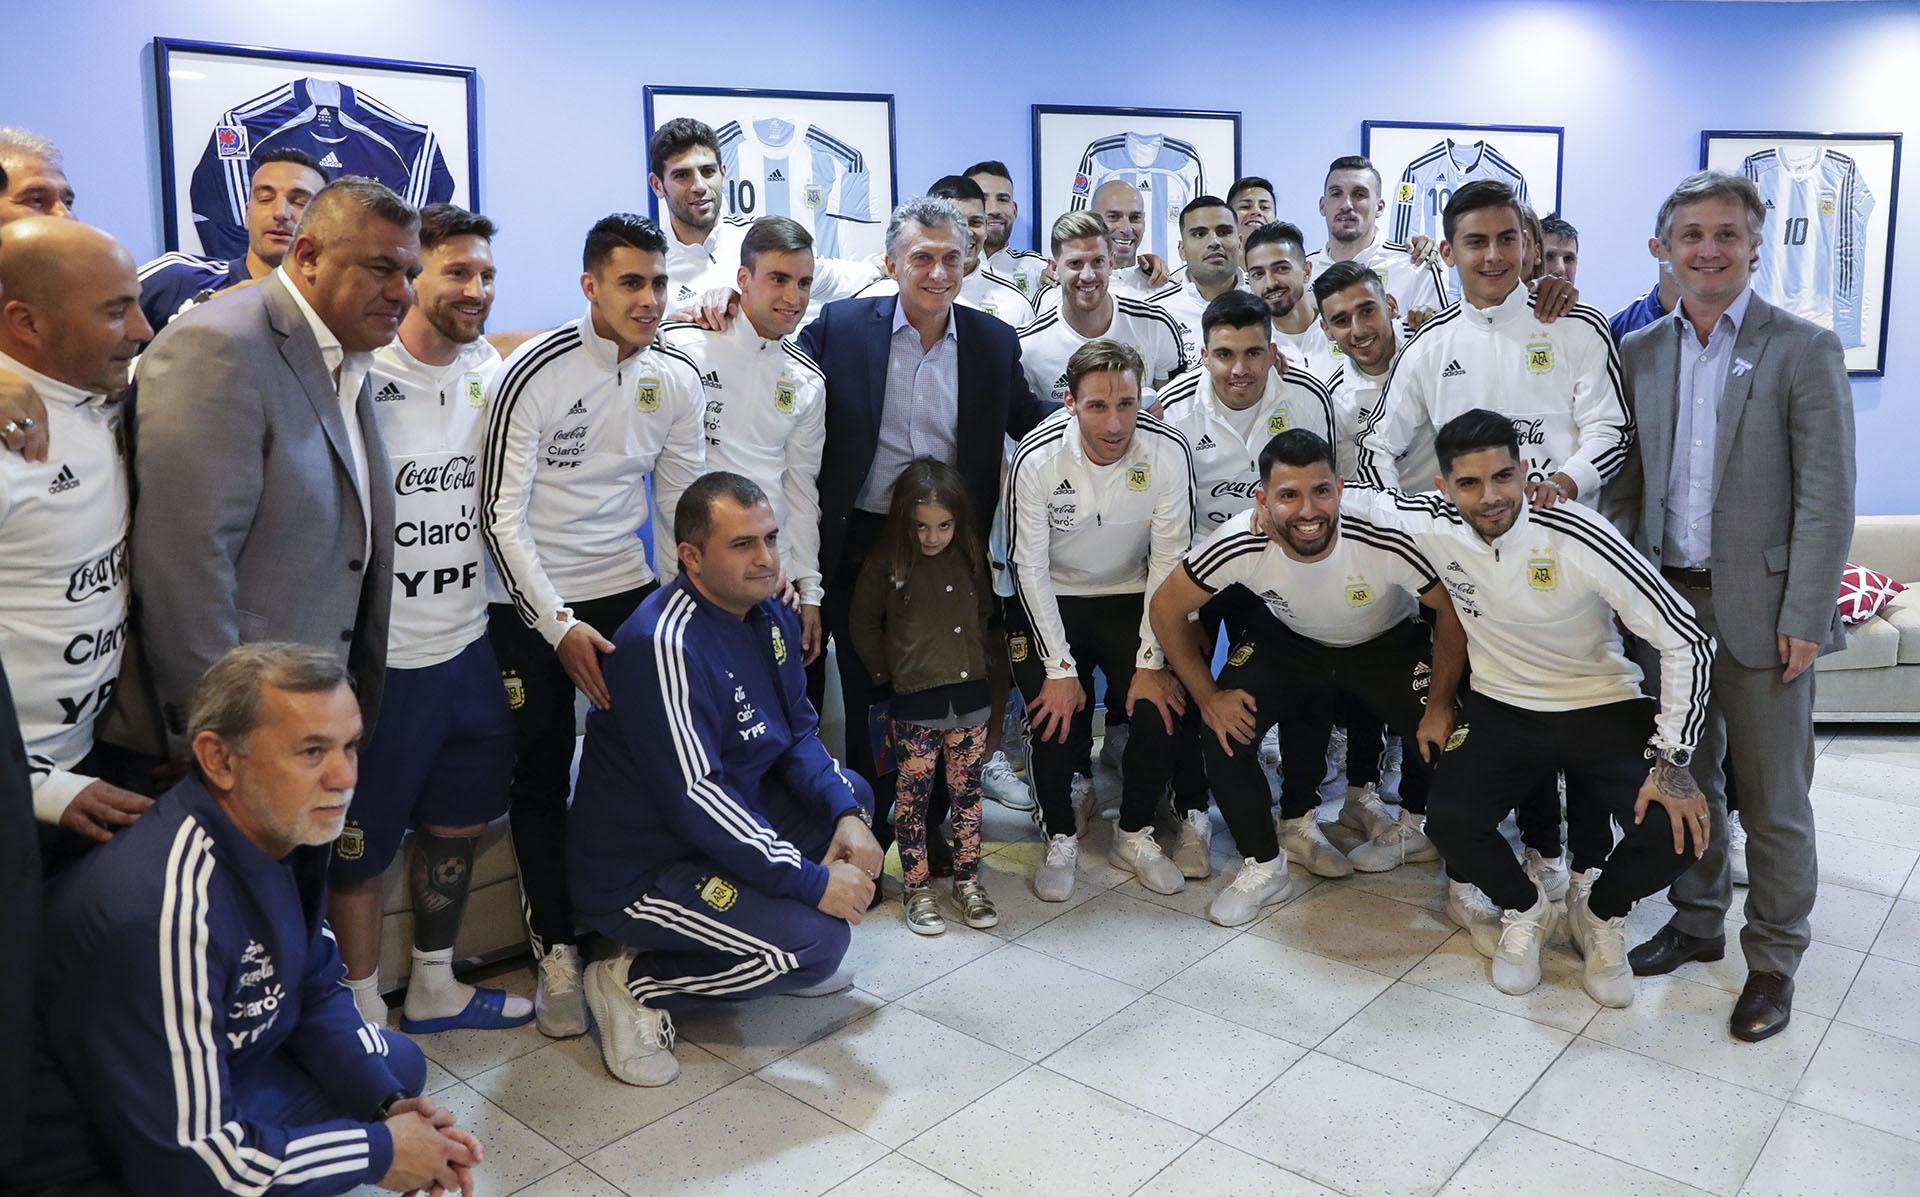 2018. Despedida de la Selección Argentina previo a su partida al Mundial de Rusia.